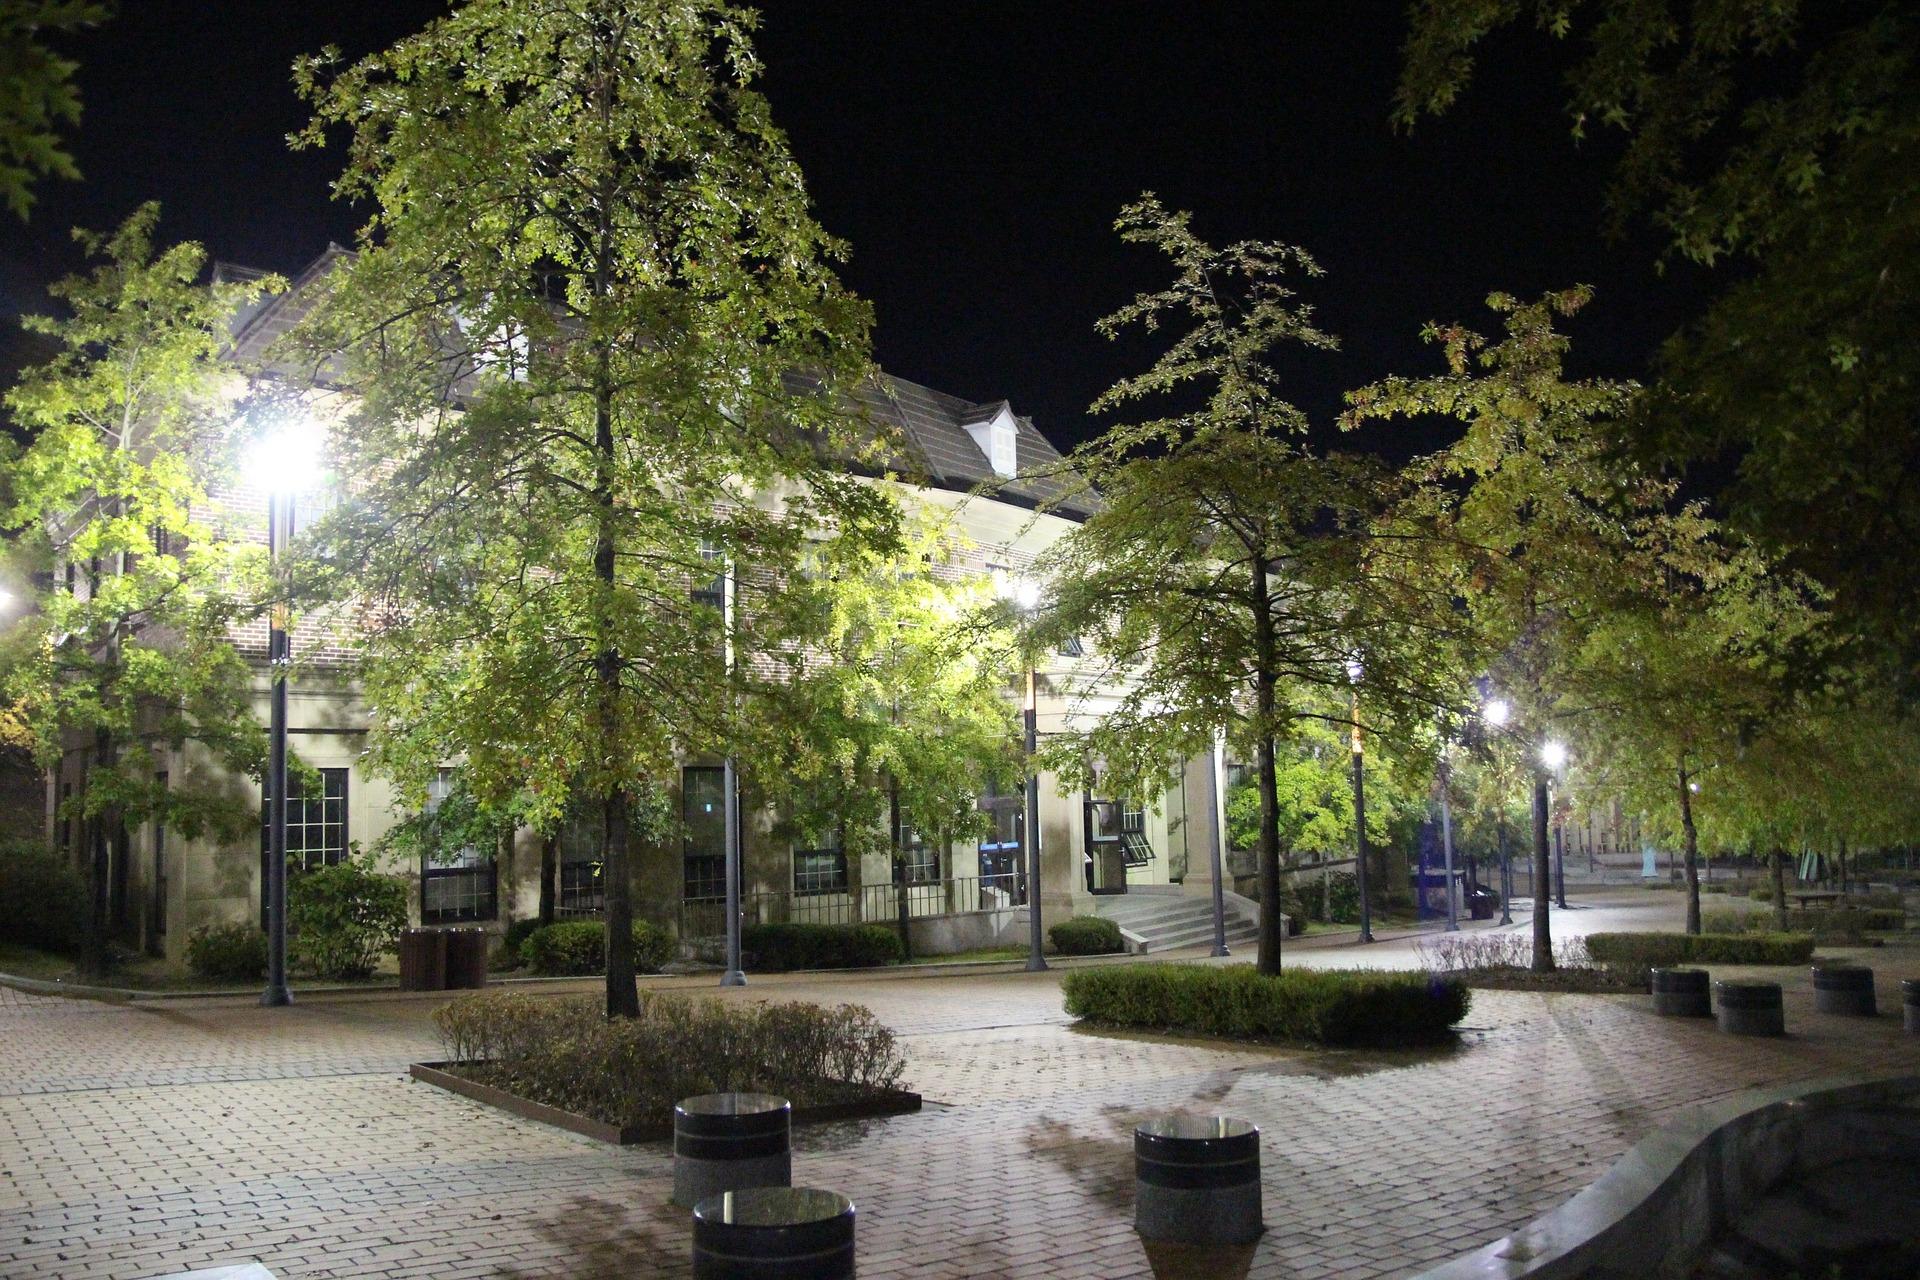 Ombouw van de openbare verlichting naar Led verlichting